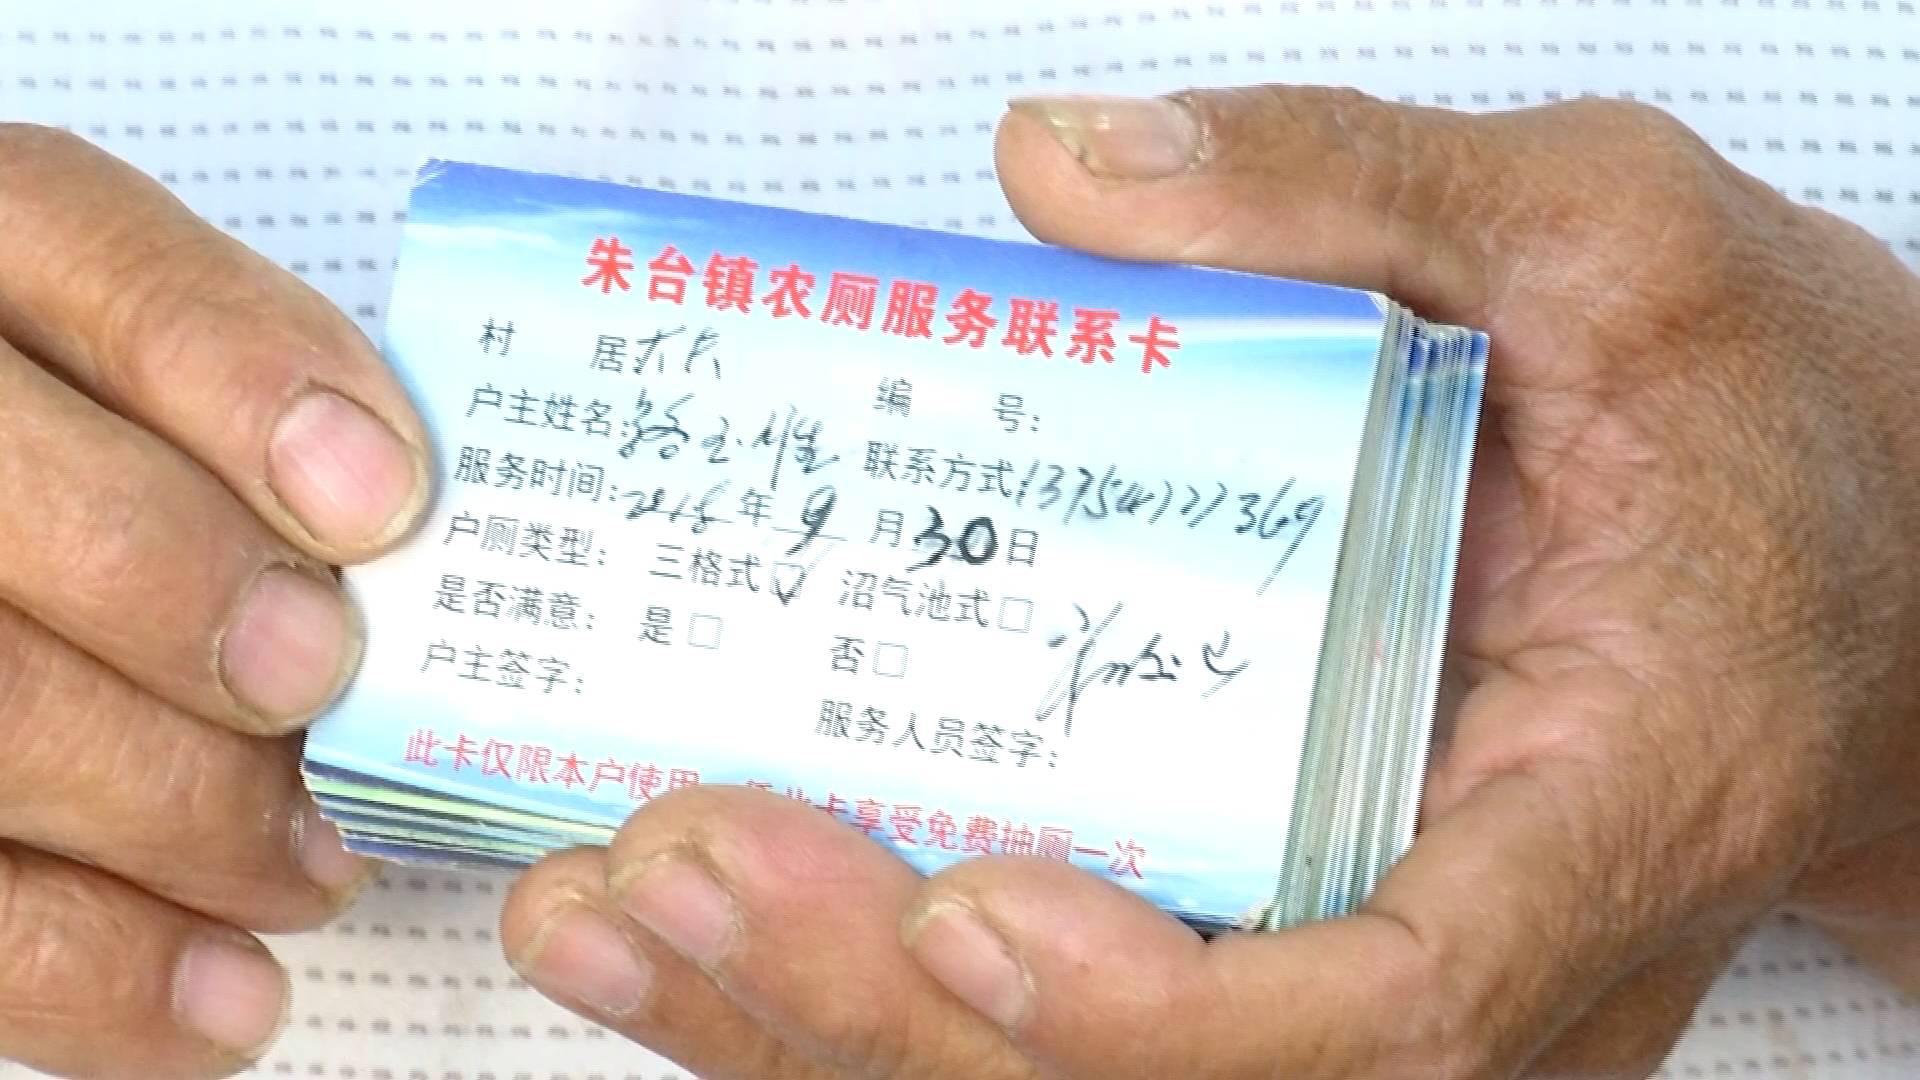 临淄:农村改厕后续管护成新难题 一张卡片让百姓放心